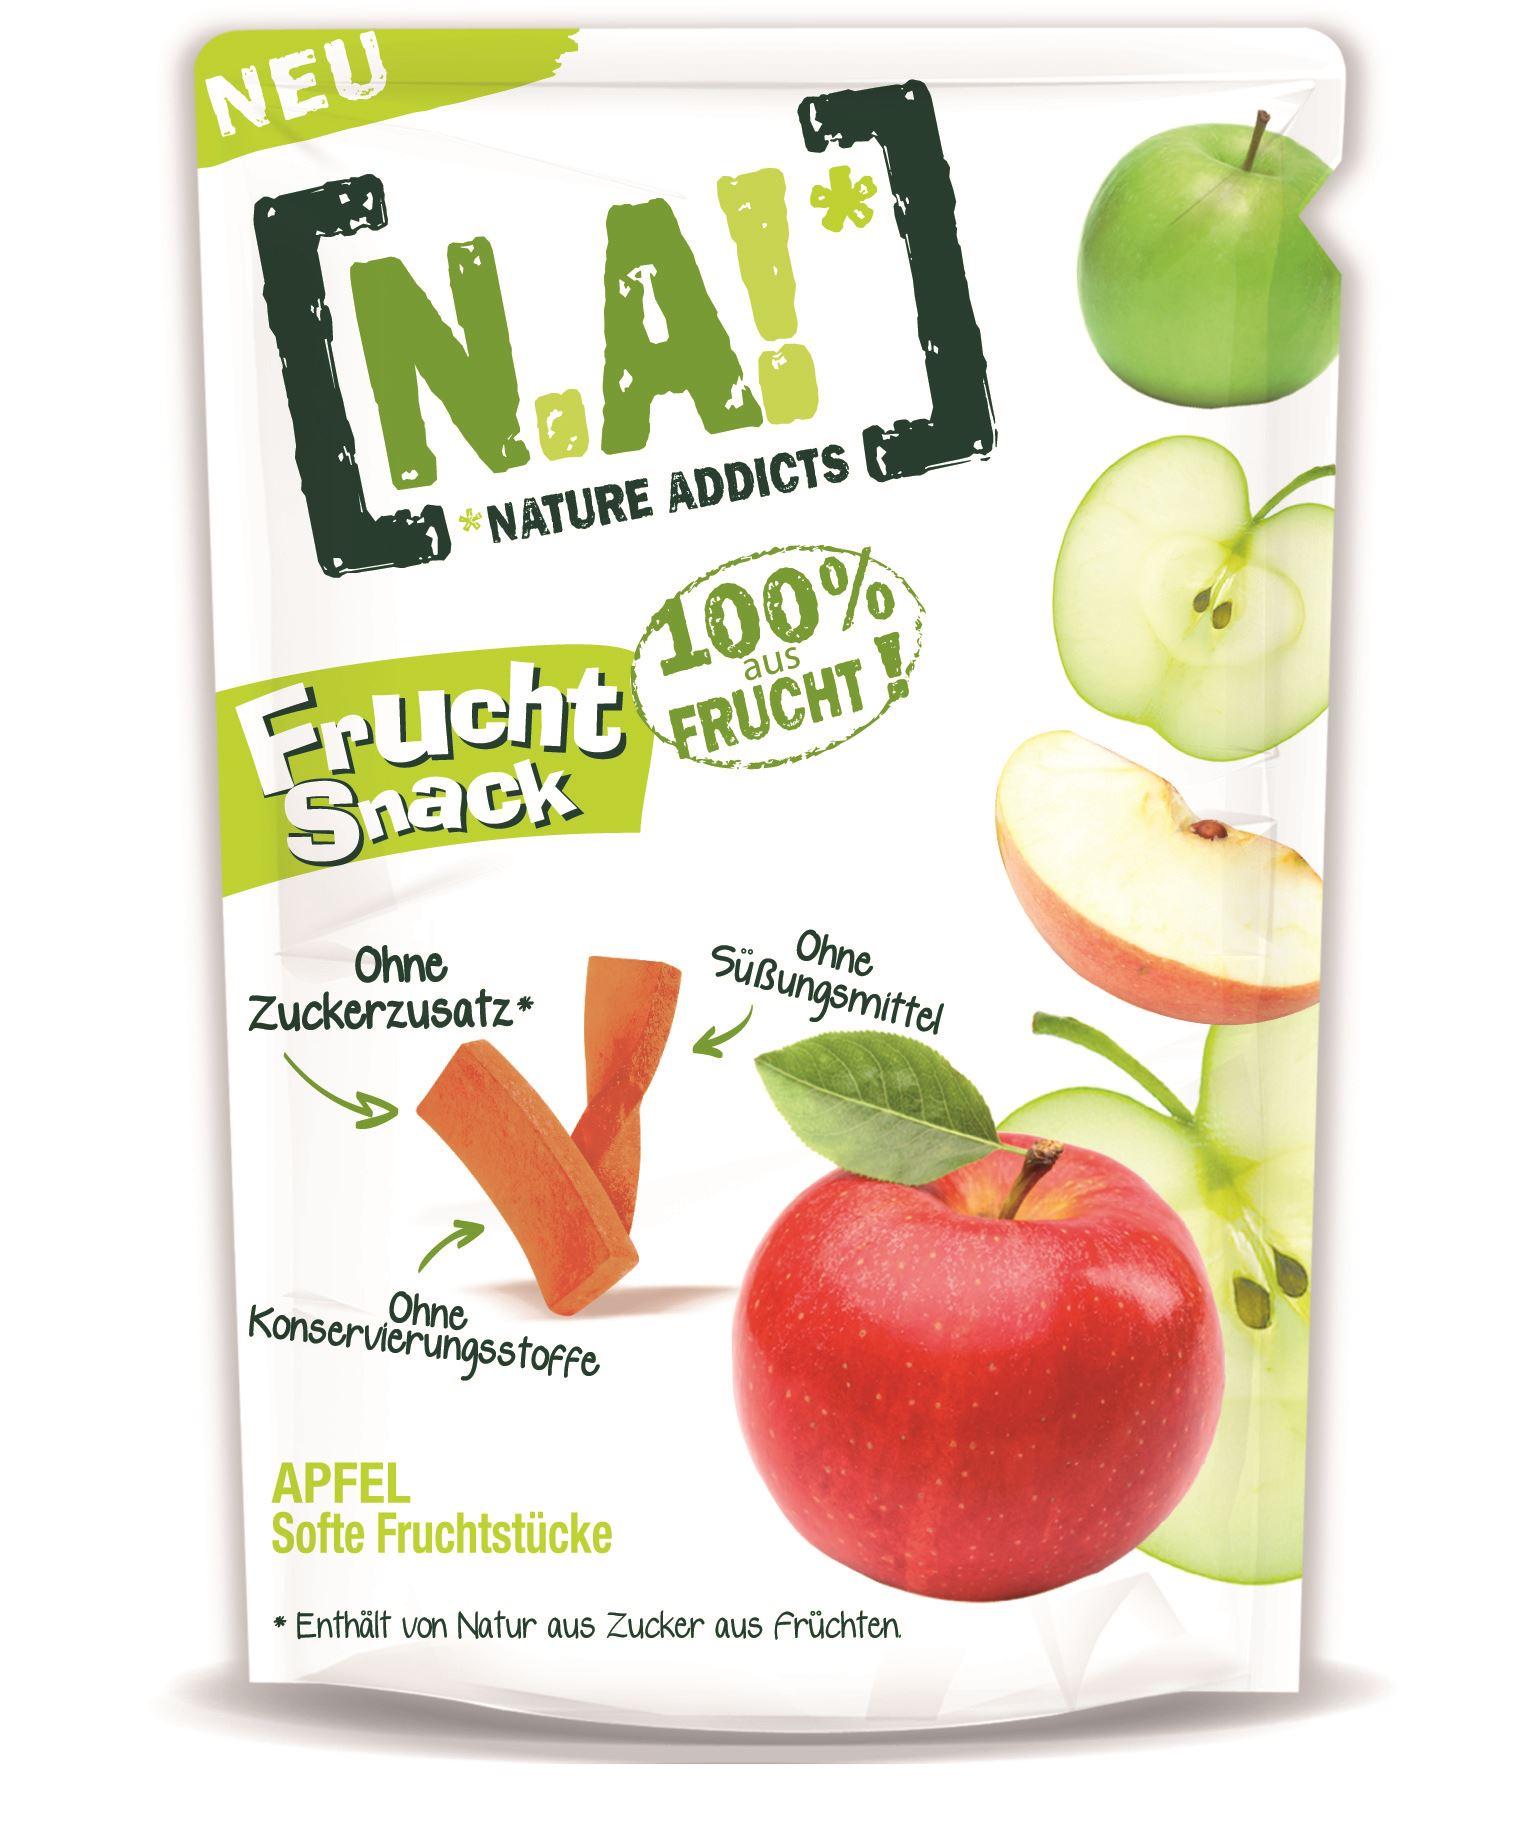 Ein idealer und gesunder Snack für das Wandern mit Kinder kommt von N.A. Das Ganze kommt ohne Zucker, Süßungs- und Konservierungsmittel aus.  Foto: (c) N.A.